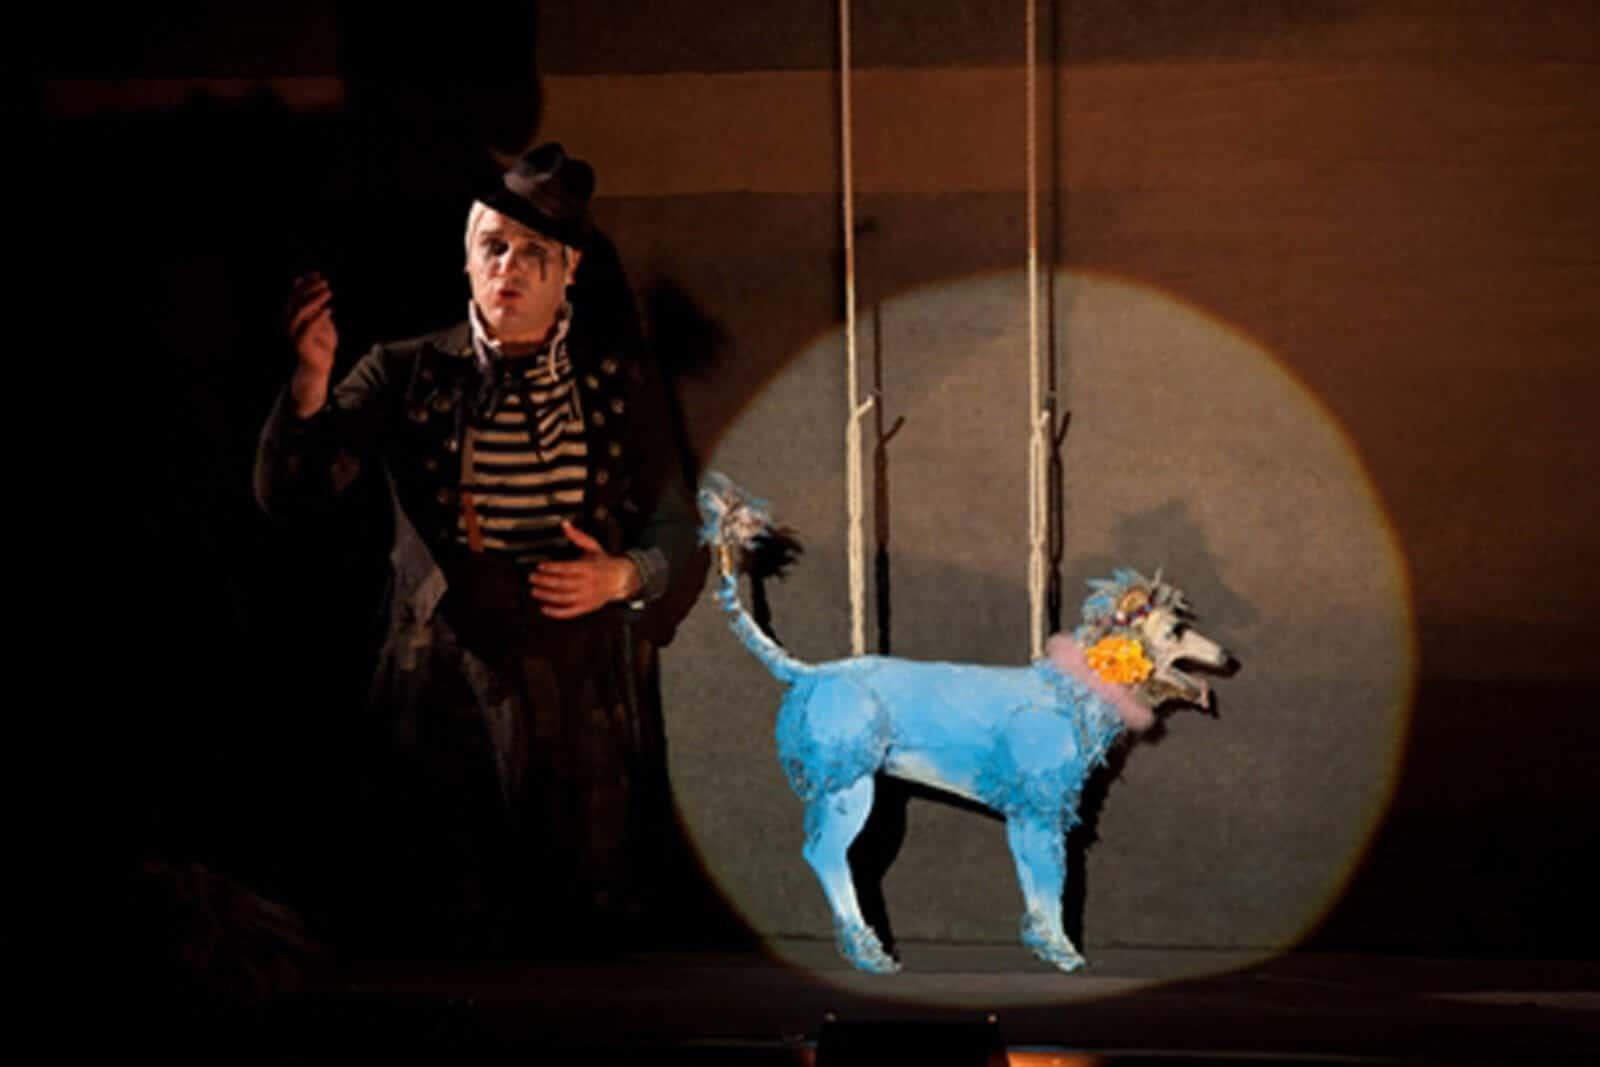 Circo equestre Sgueglia-Teatro Stabile Napoli-2